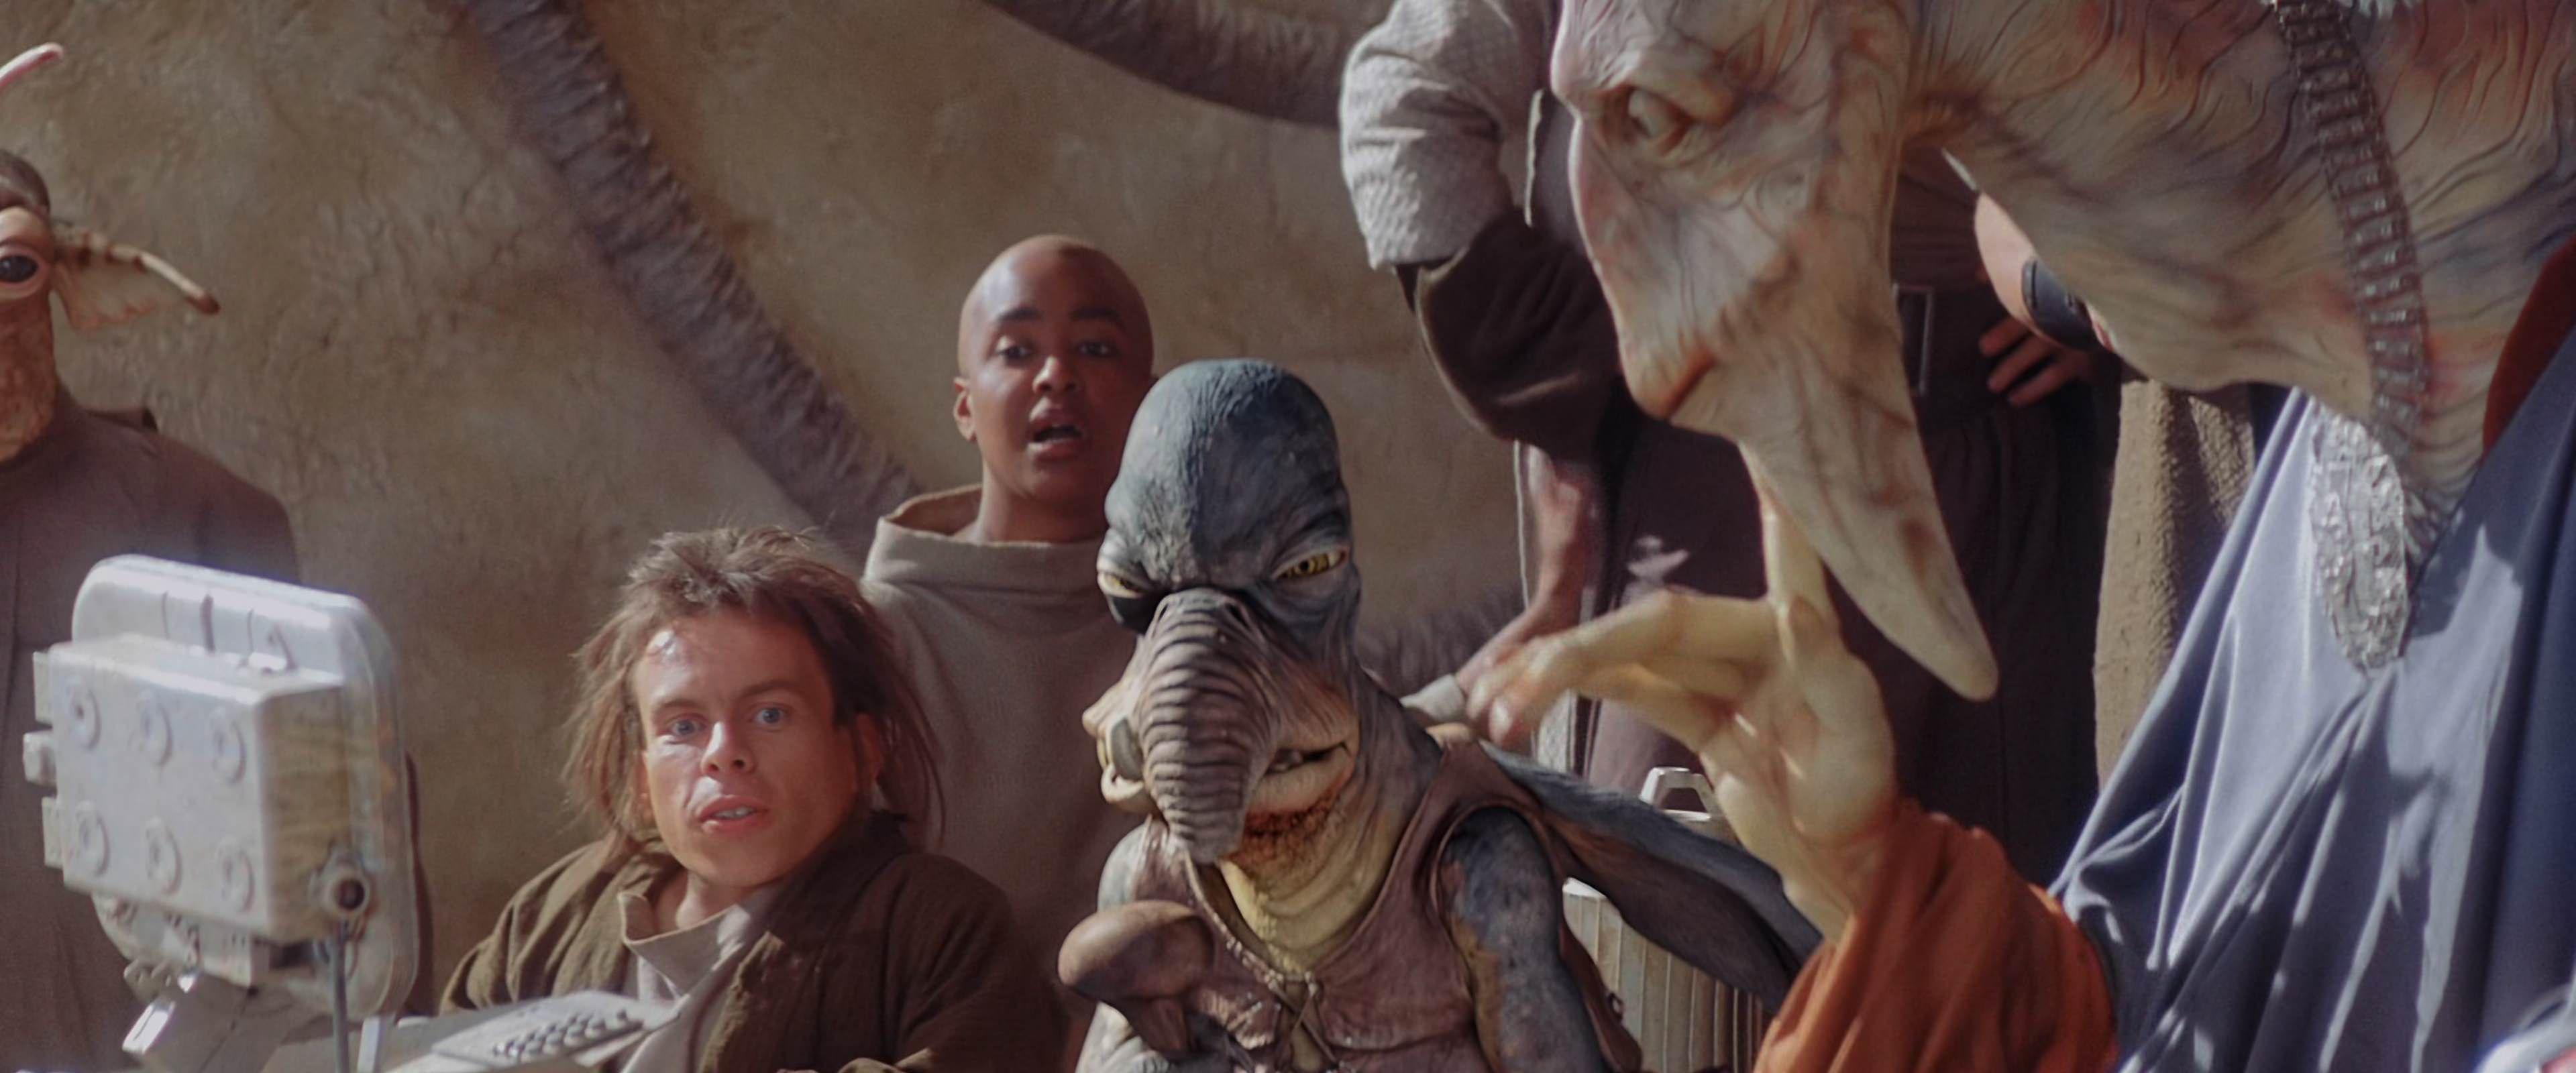 4k Star Wars Episode I The Phantom Menace 1999 Starwars Screencaps Com In 2020 The Phantom Menace Star Wars Star Wars Episodes